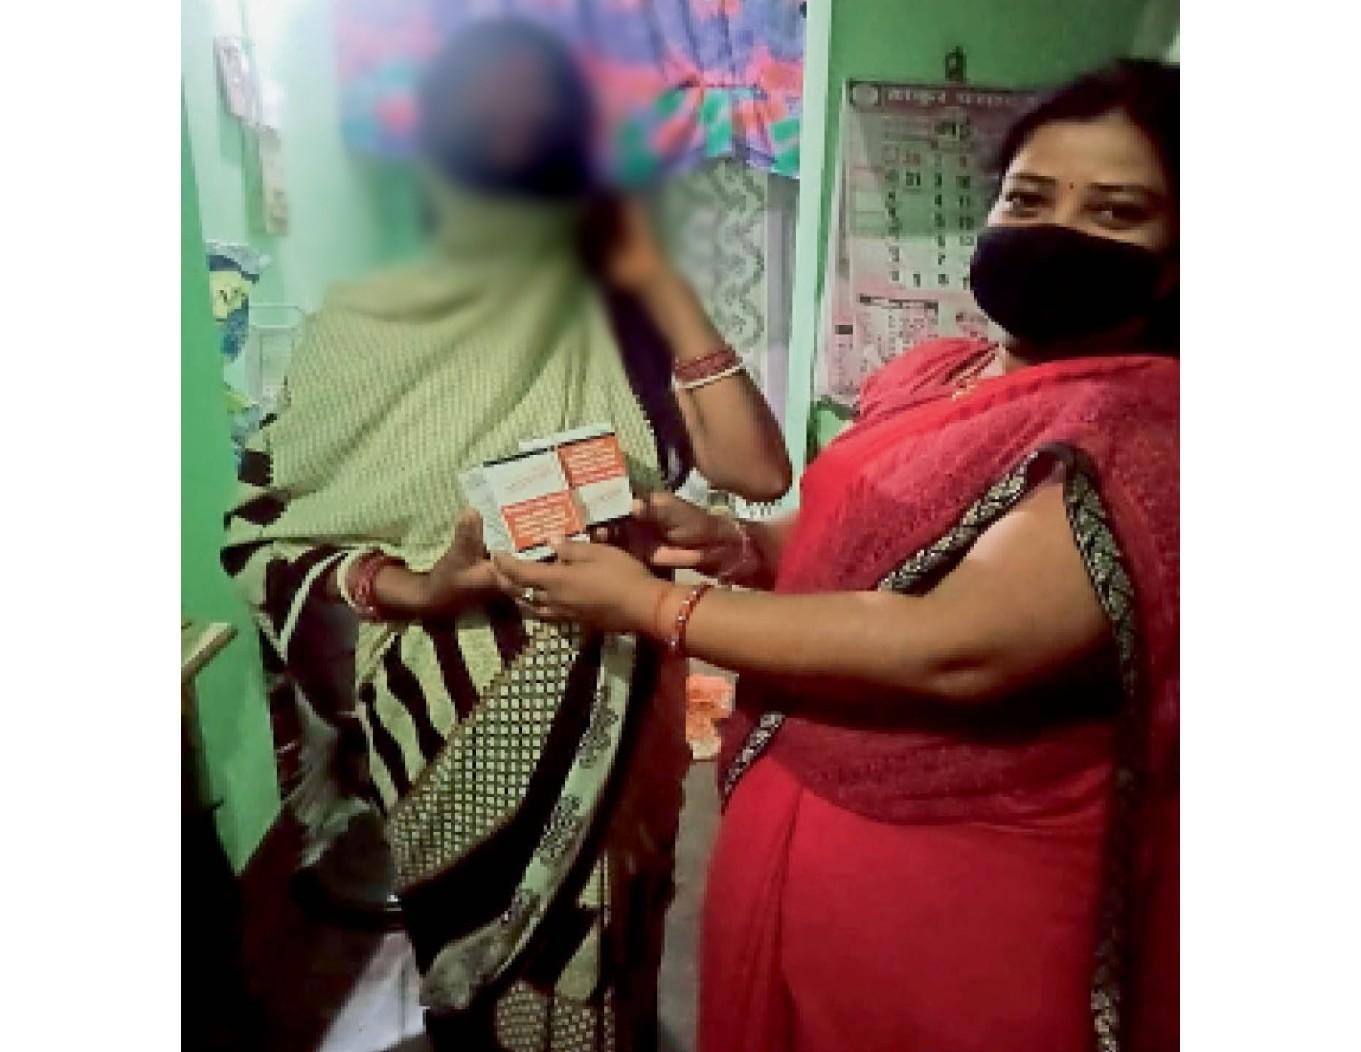 एक मरीज के घर जाकर दवा पहुंचाती कोडरमा की सीमा। - Dainik Bhaskar